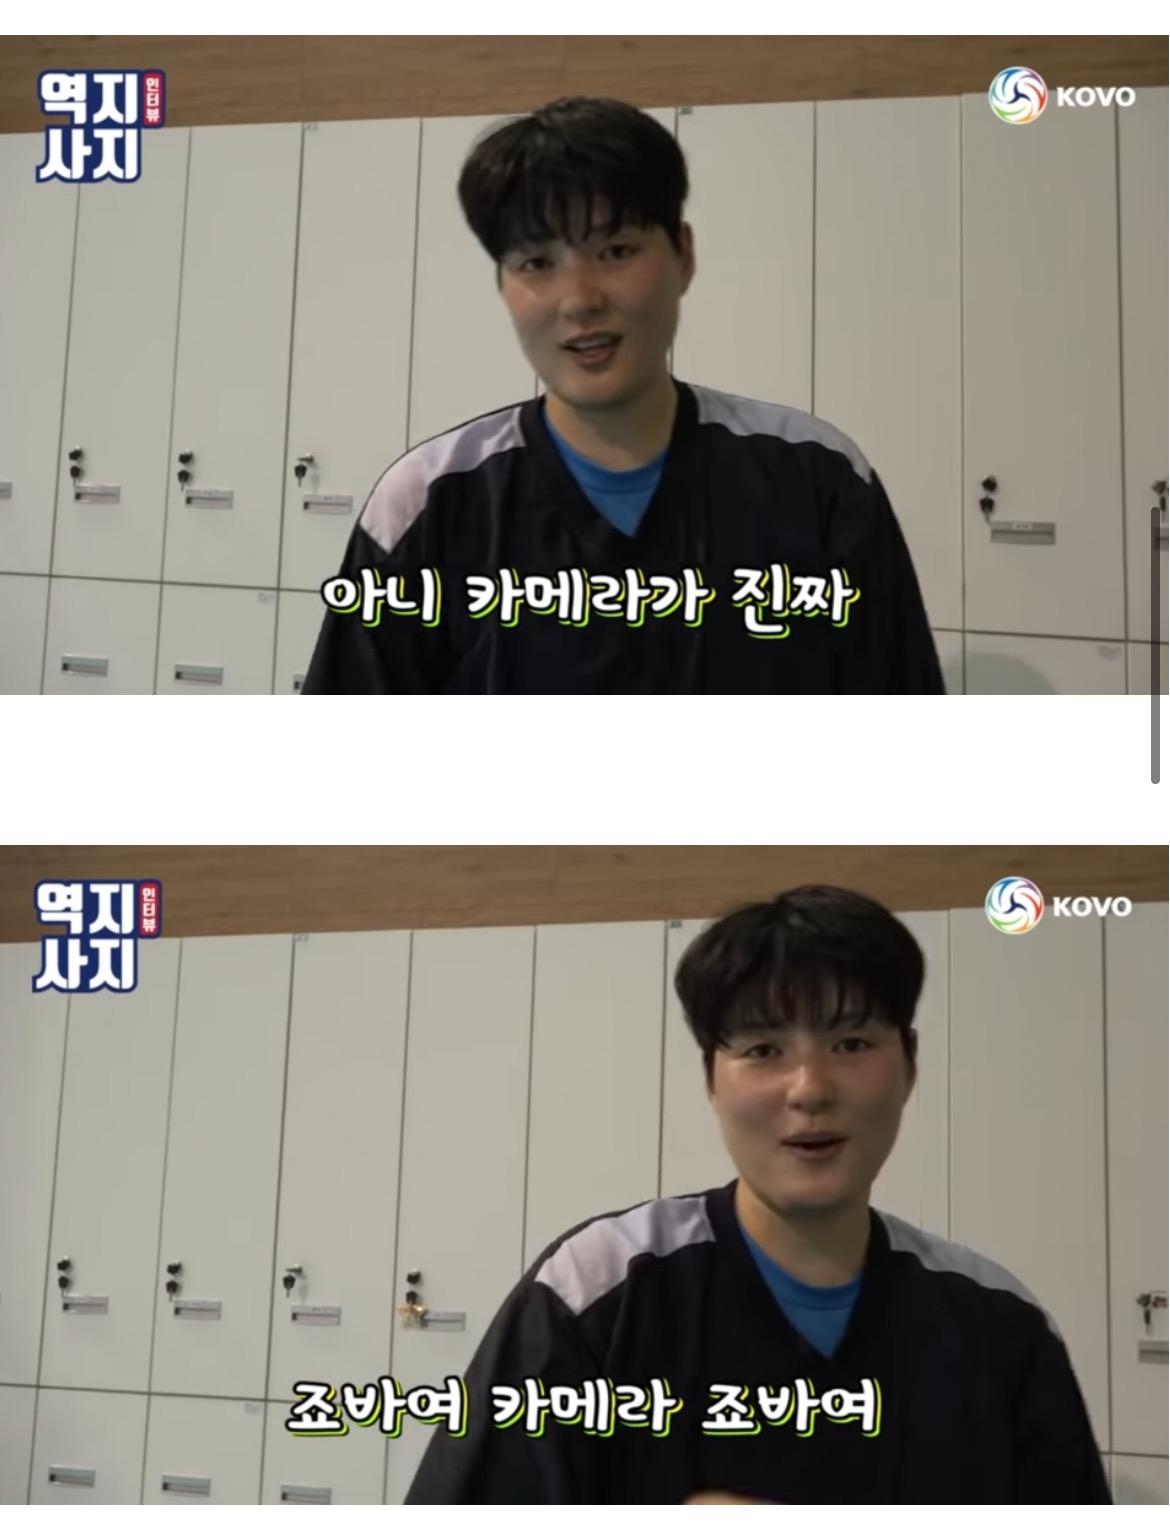 배구 김희진 선수 레전드 짤 해명 - 꾸르